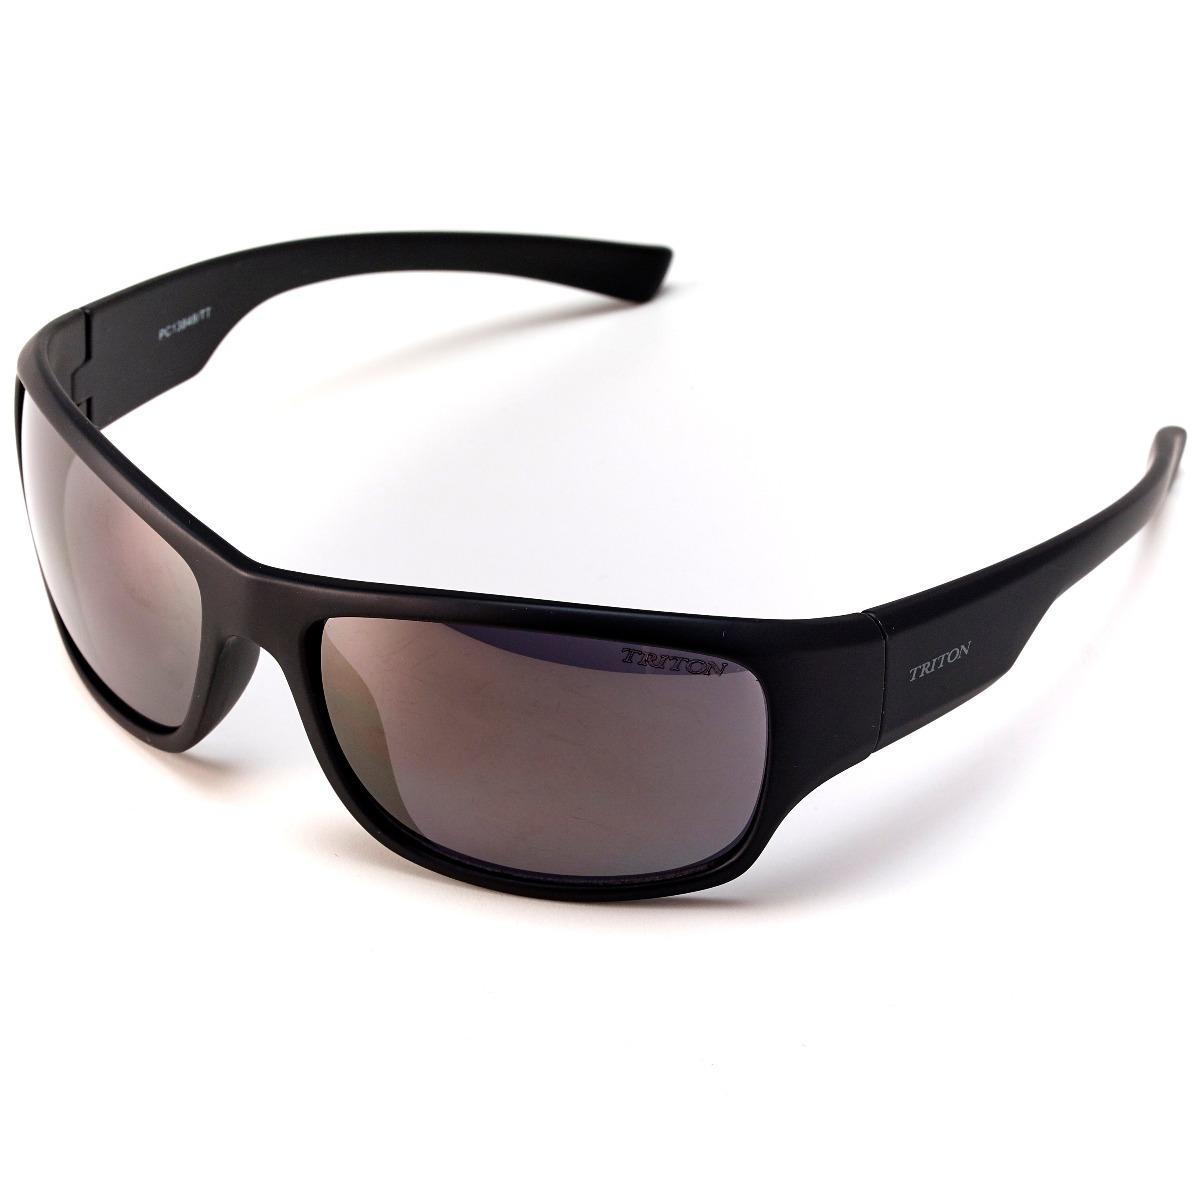 Óculos Triton 13848 - Preto Fosco - Acetato - 12x Sem Juros - R  219,00 em  Mercado Livre 865bdb2789